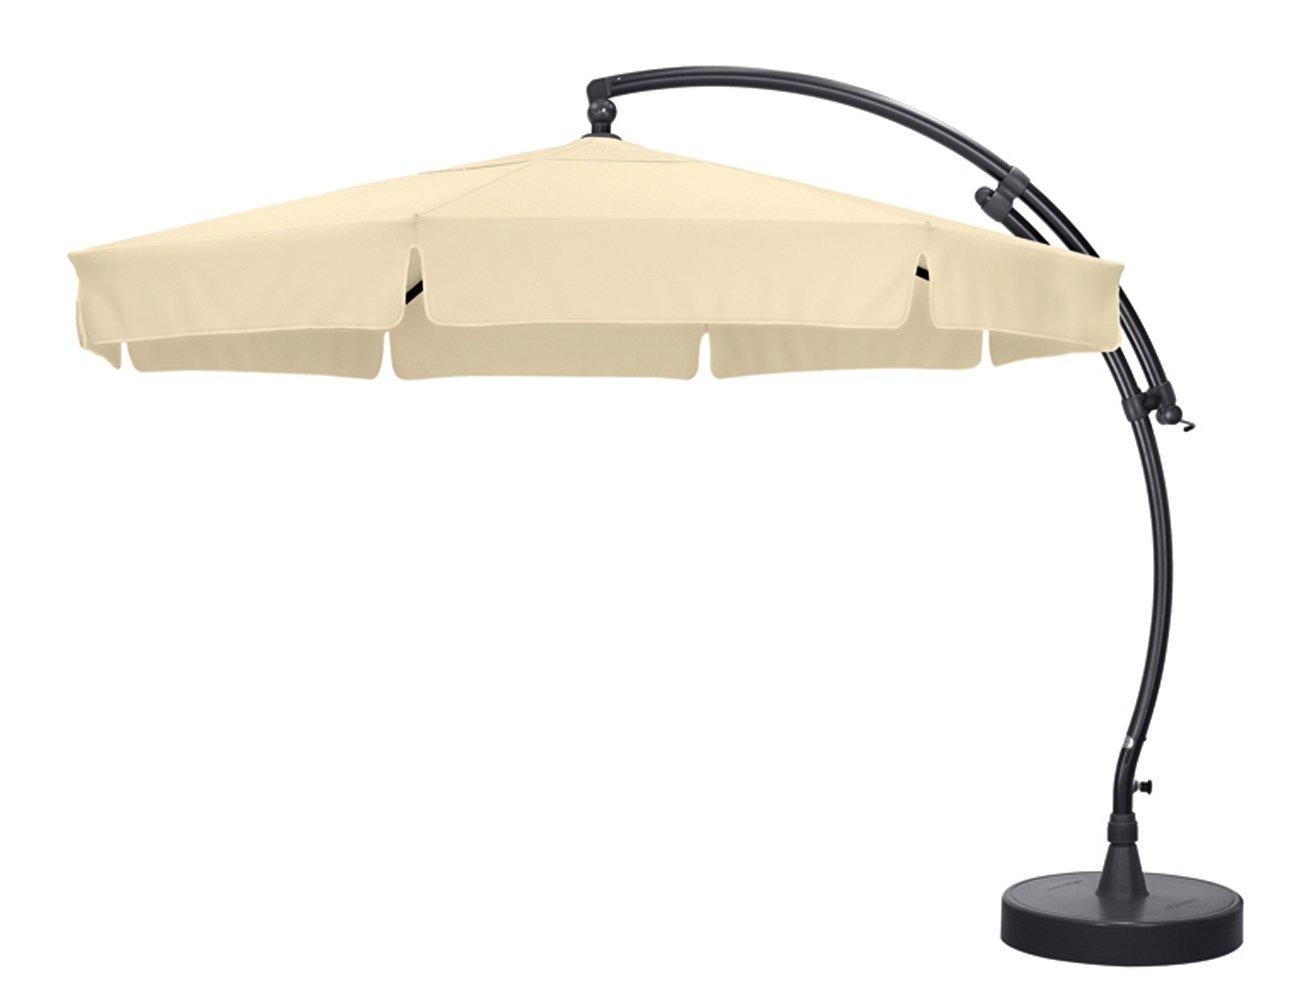 Sun Garden 10115886 Ampelschirm Easy-Sun, Polyester, ø 3.5 m, anthrazit / beige